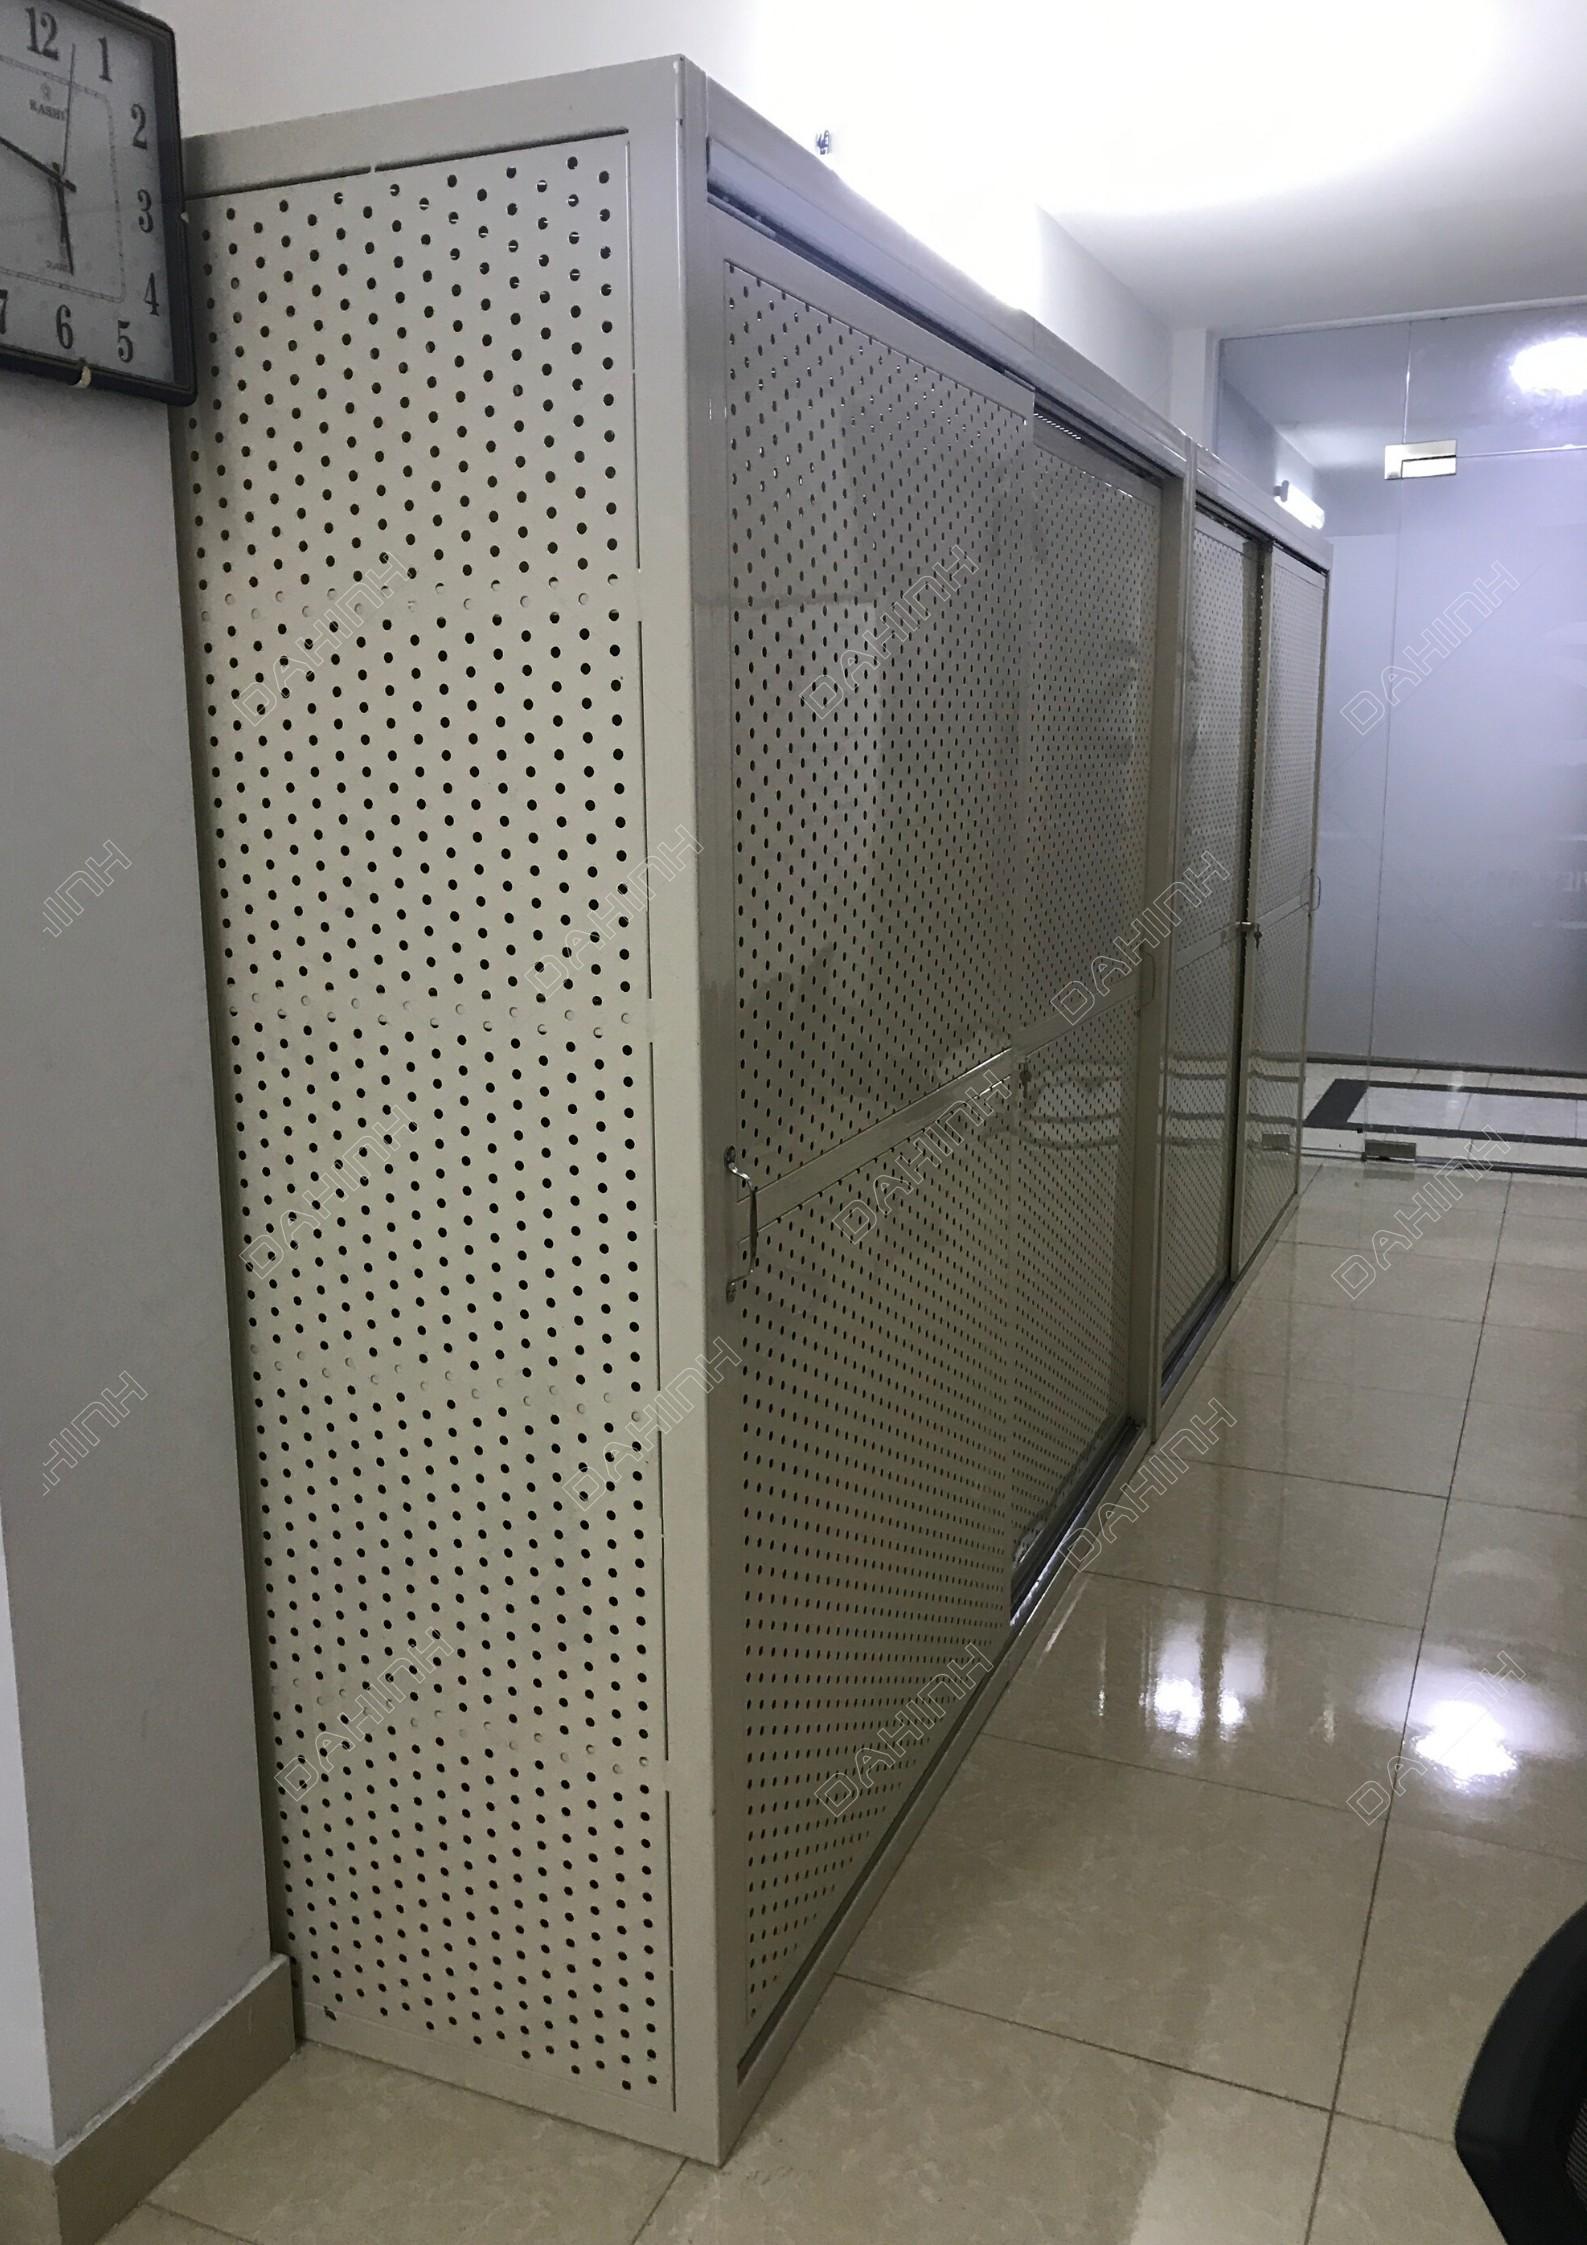 Gia công vỏ tủ điện theo yêu cầu tại hà nội